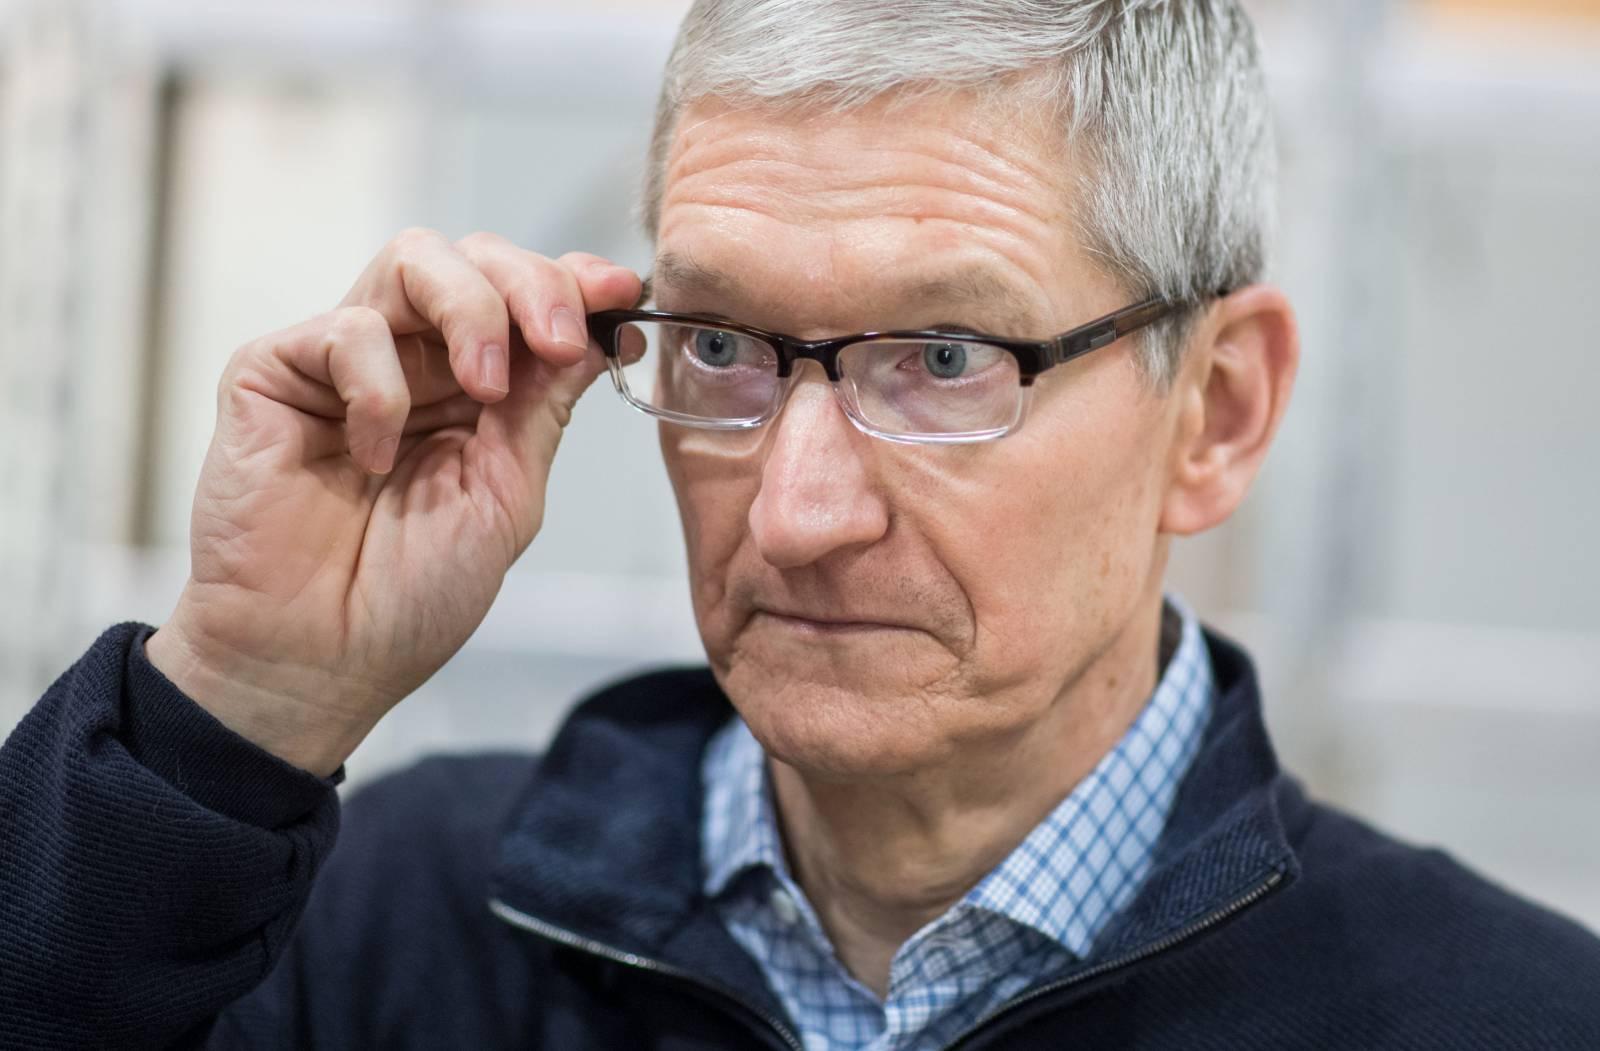 Presedintele Apple NU este Implicat in Dezvoltarea Noilor Produse